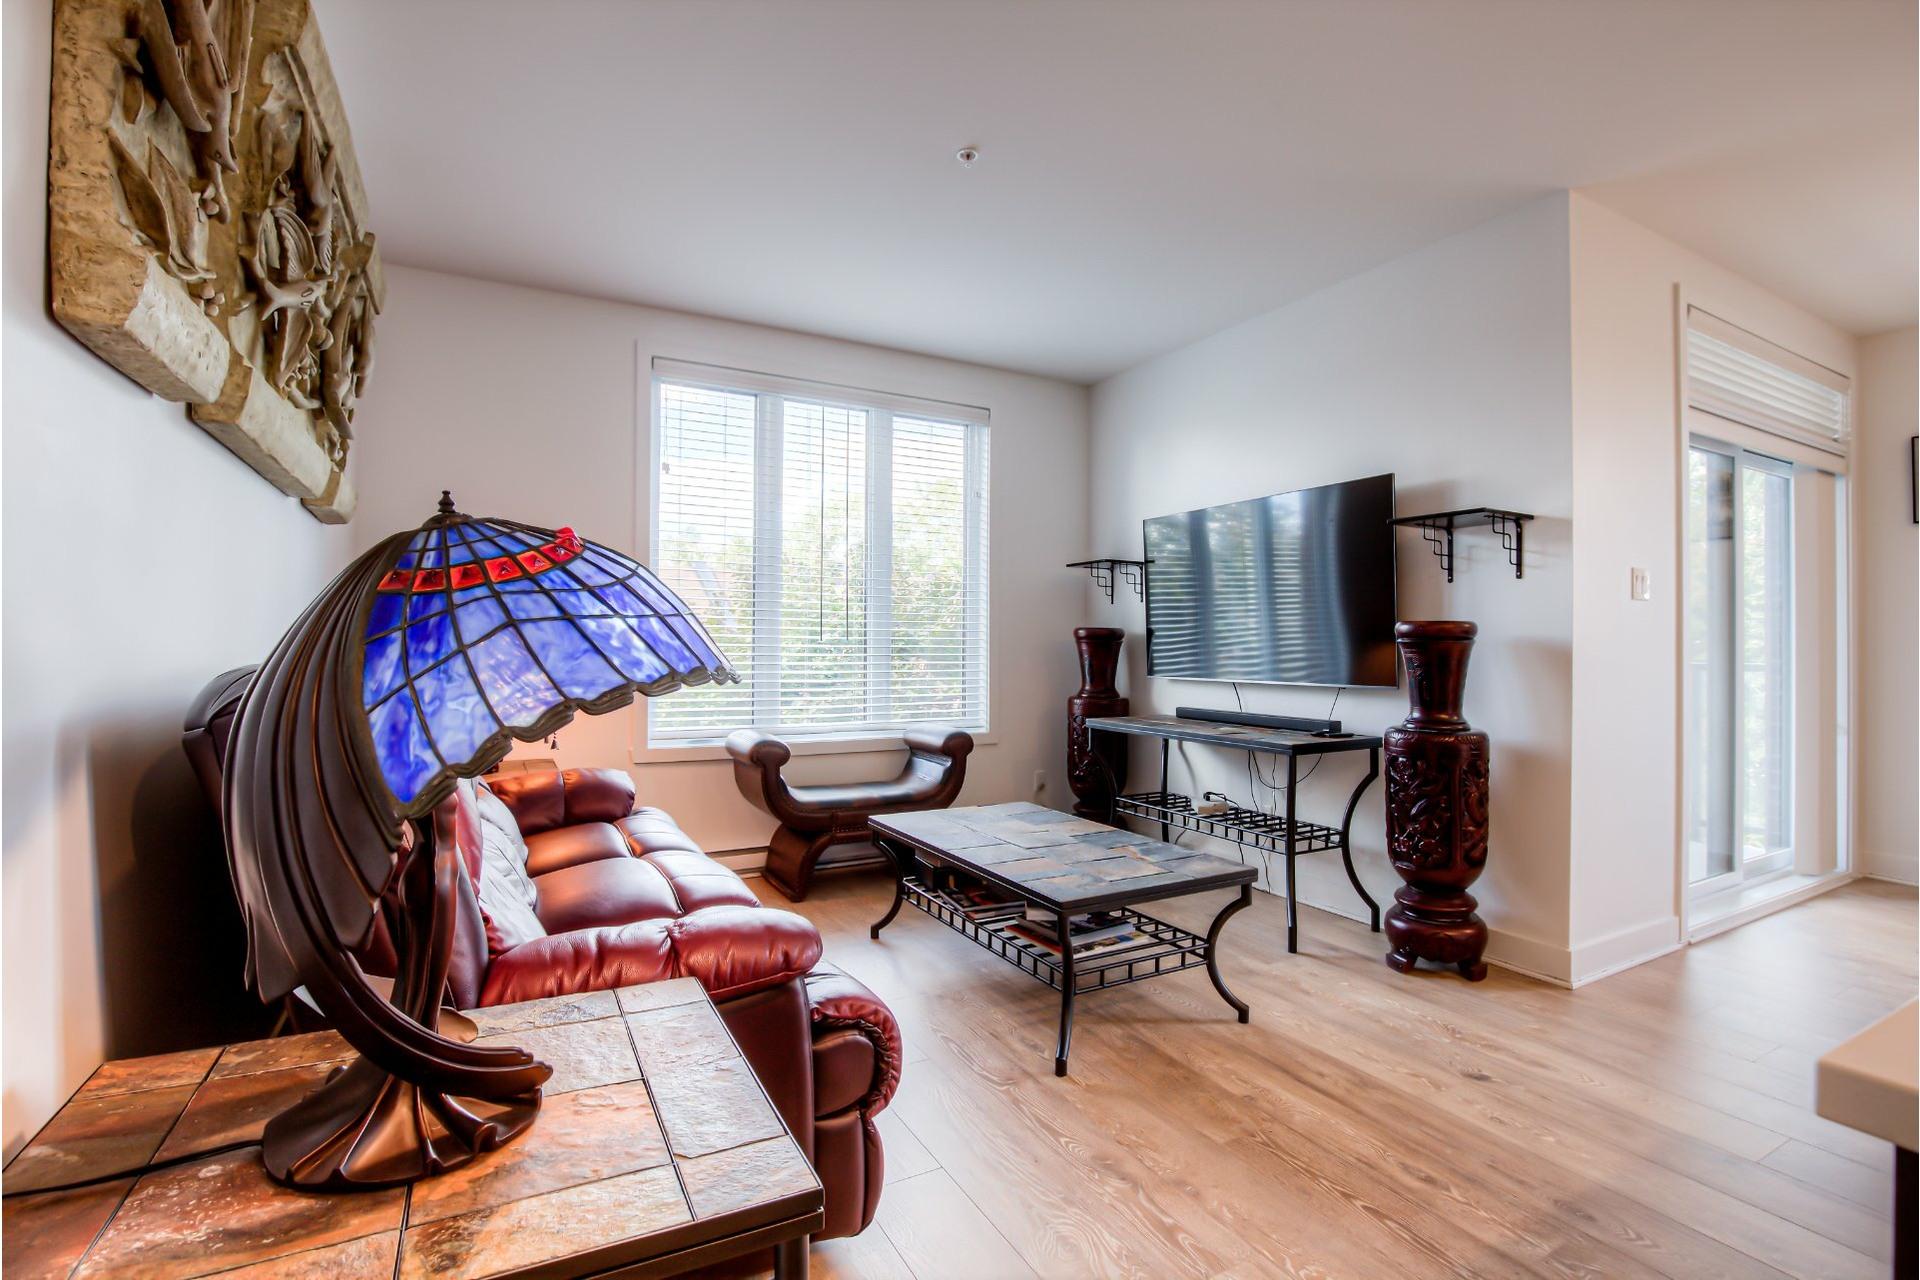 image 6 - Appartement À vendre Beaconsfield - 8 pièces